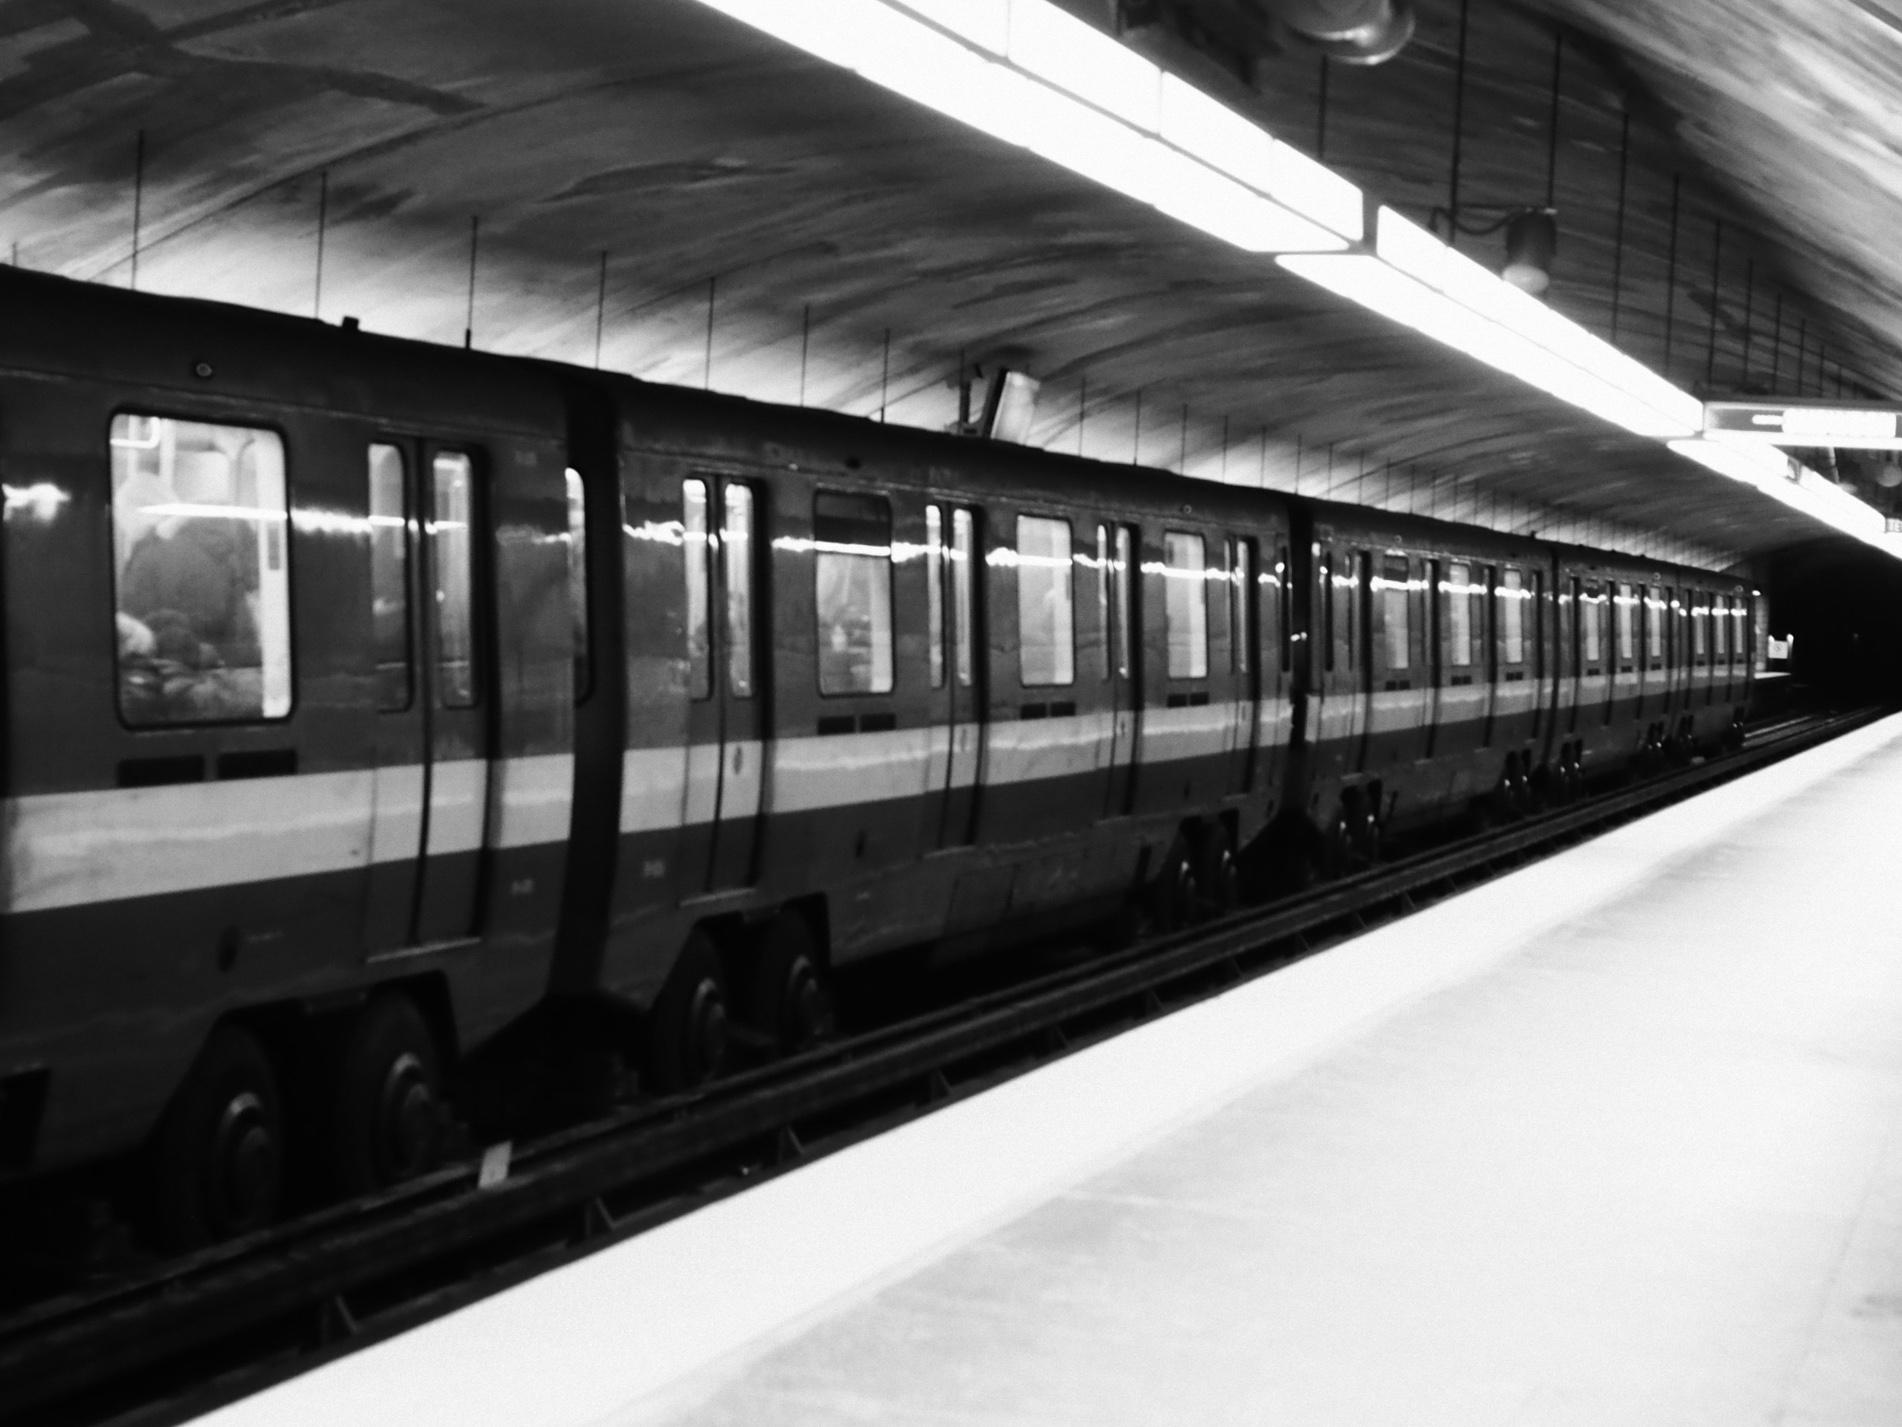 lenoxshotit photography montreal subway.jpg